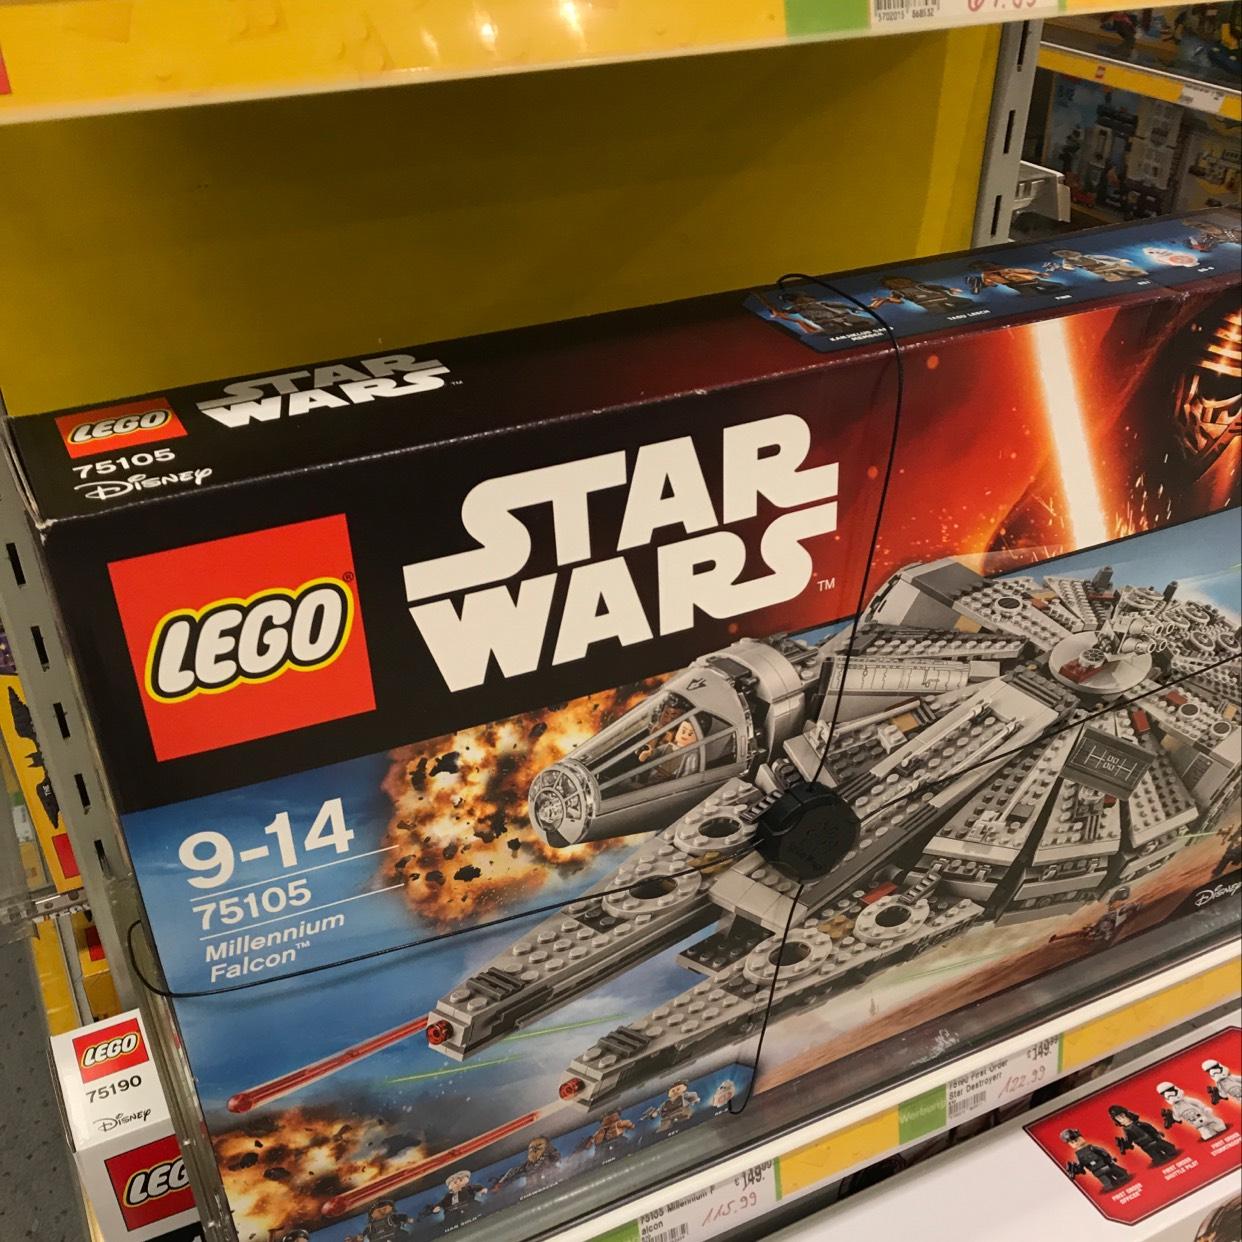 [Kaufhof offline] Lego Millennium Falcon 75105 für rechnerisch 95.99€ dank 20 Euro Aktion